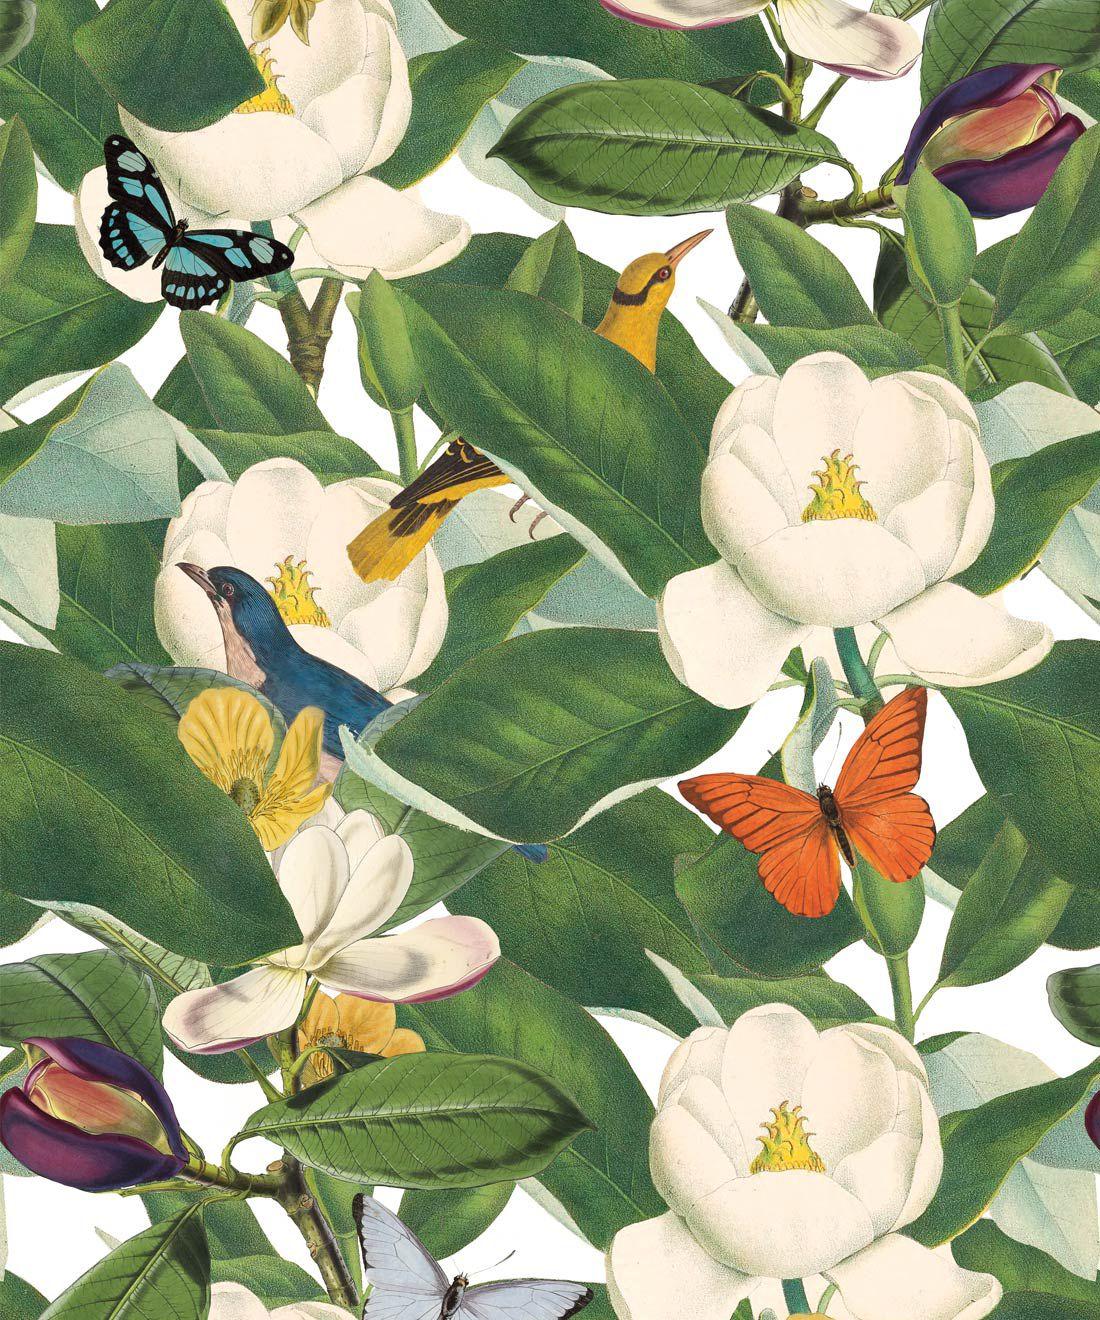 Magnolia Bloom Wallpaper